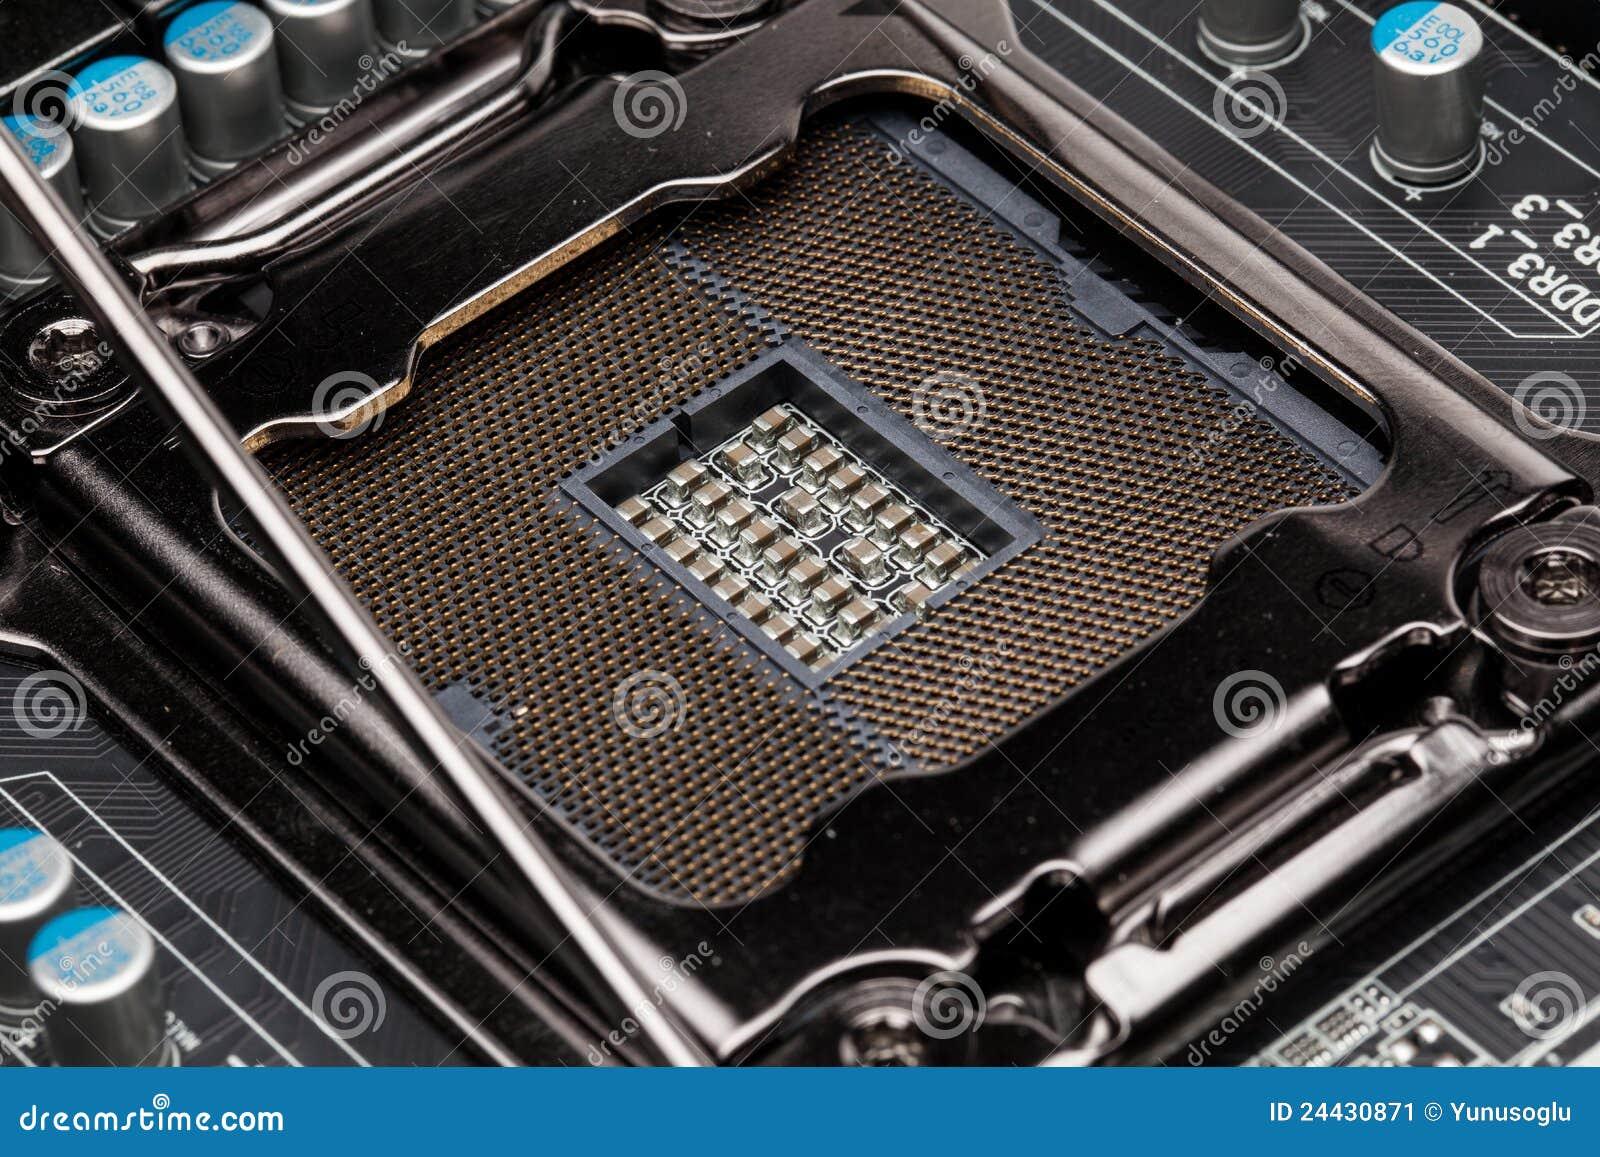 LGA 2011 Socket